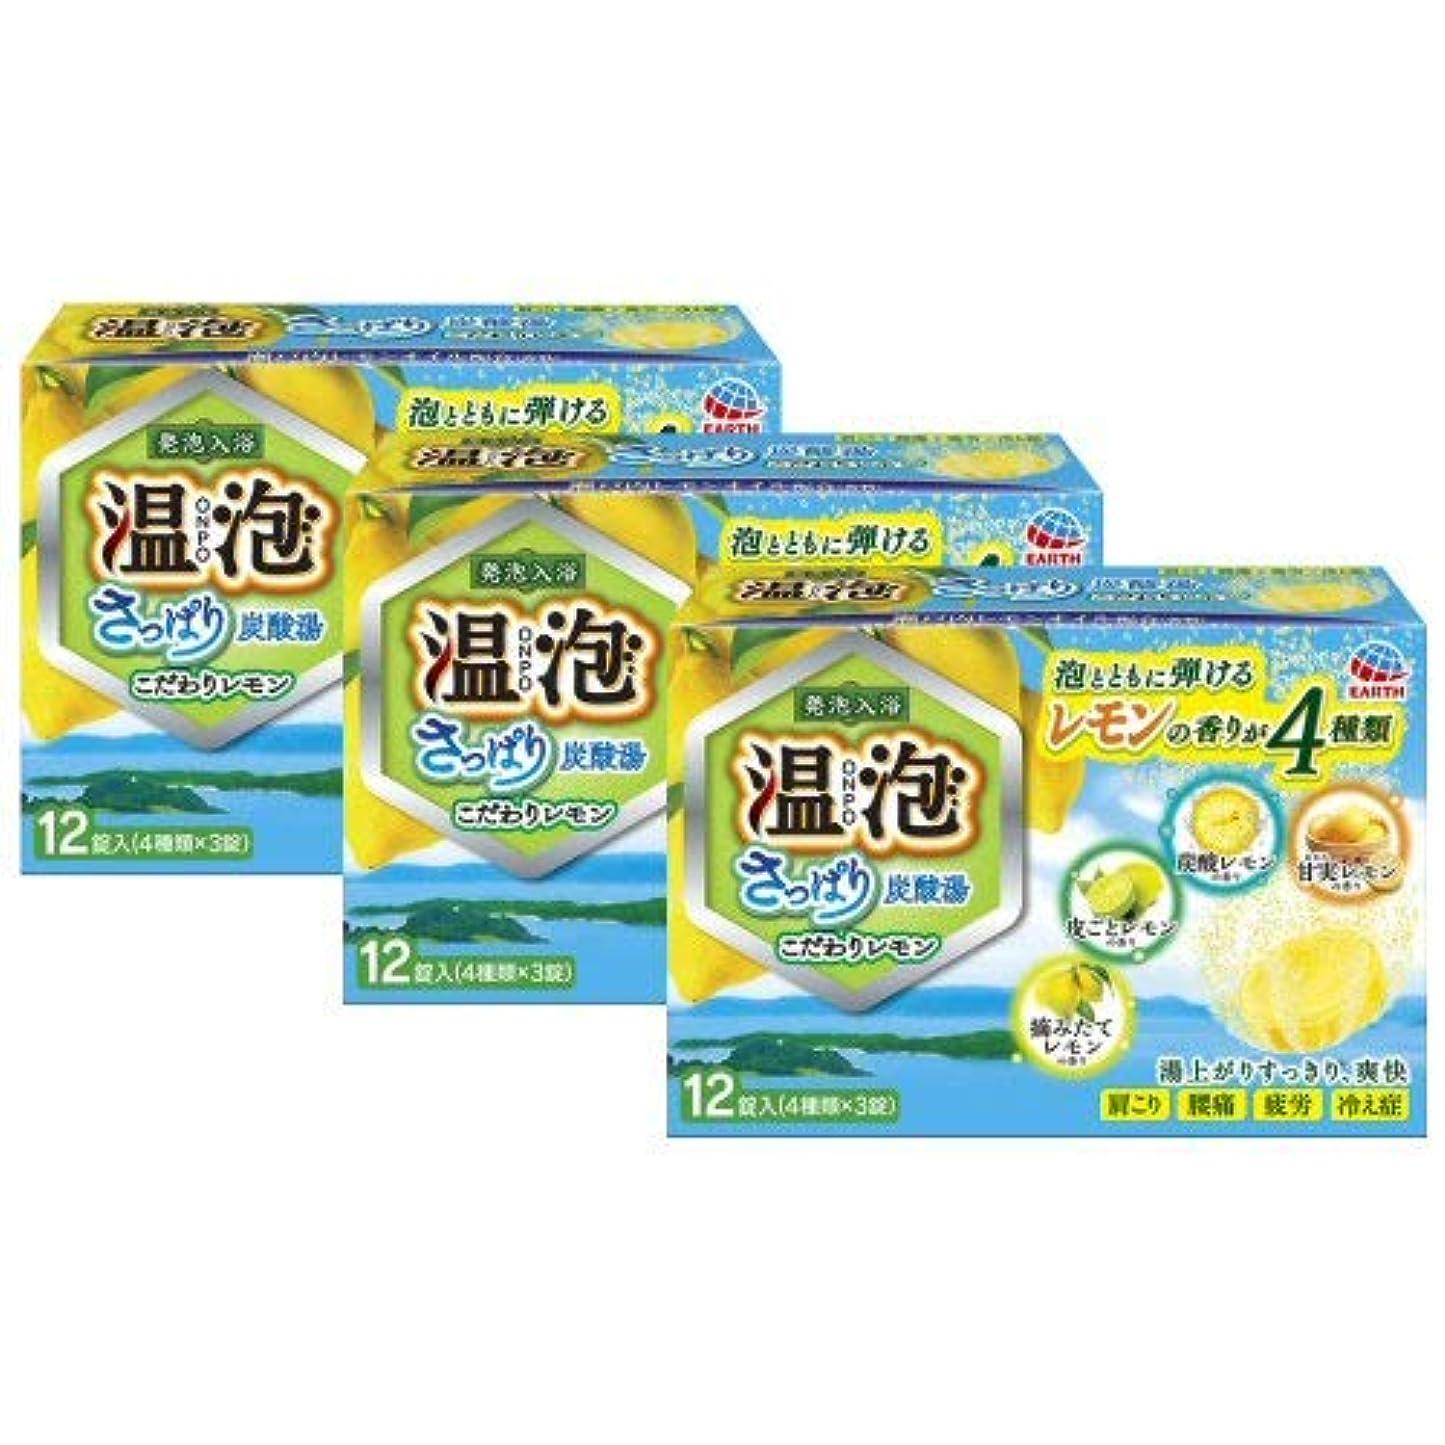 データベース泥だらけ実質的に温泡 ONPOさっぱり炭酸湯 こだわりレモン12錠入(4種×3錠)×3個